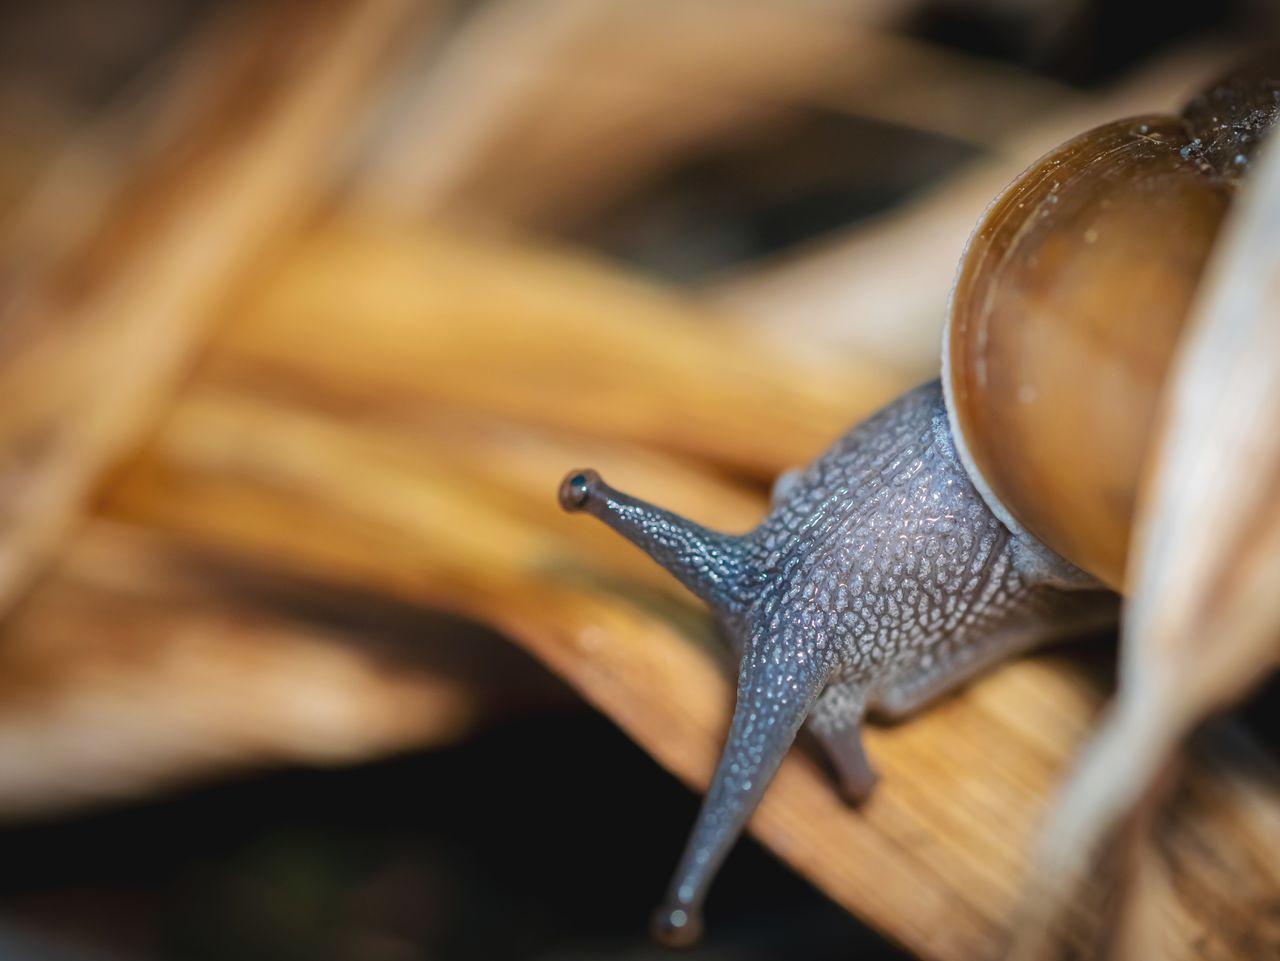 Close up big snail